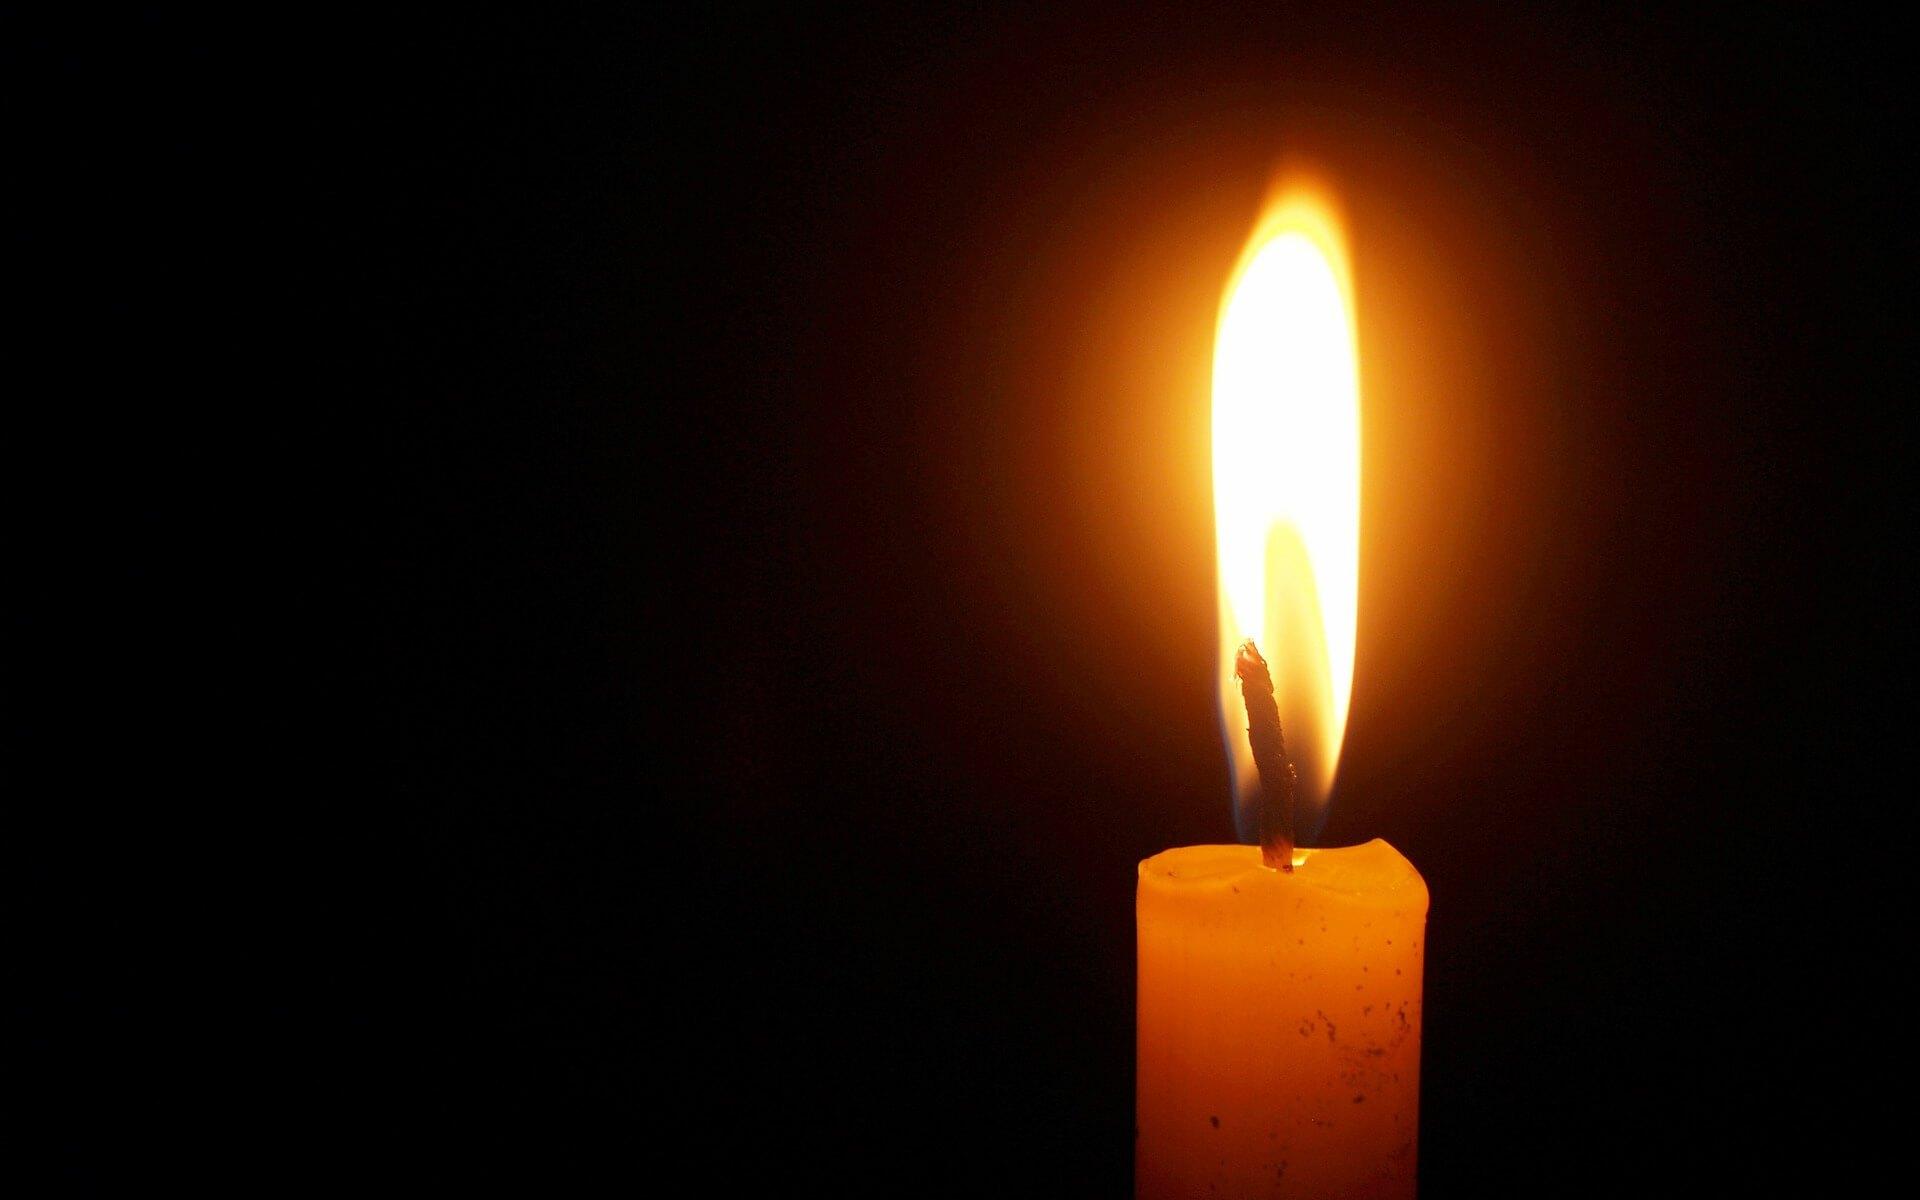 Symbolbild Tod und Hoffnung (c) Pixabay: Eine Kerze in Dunkelheit